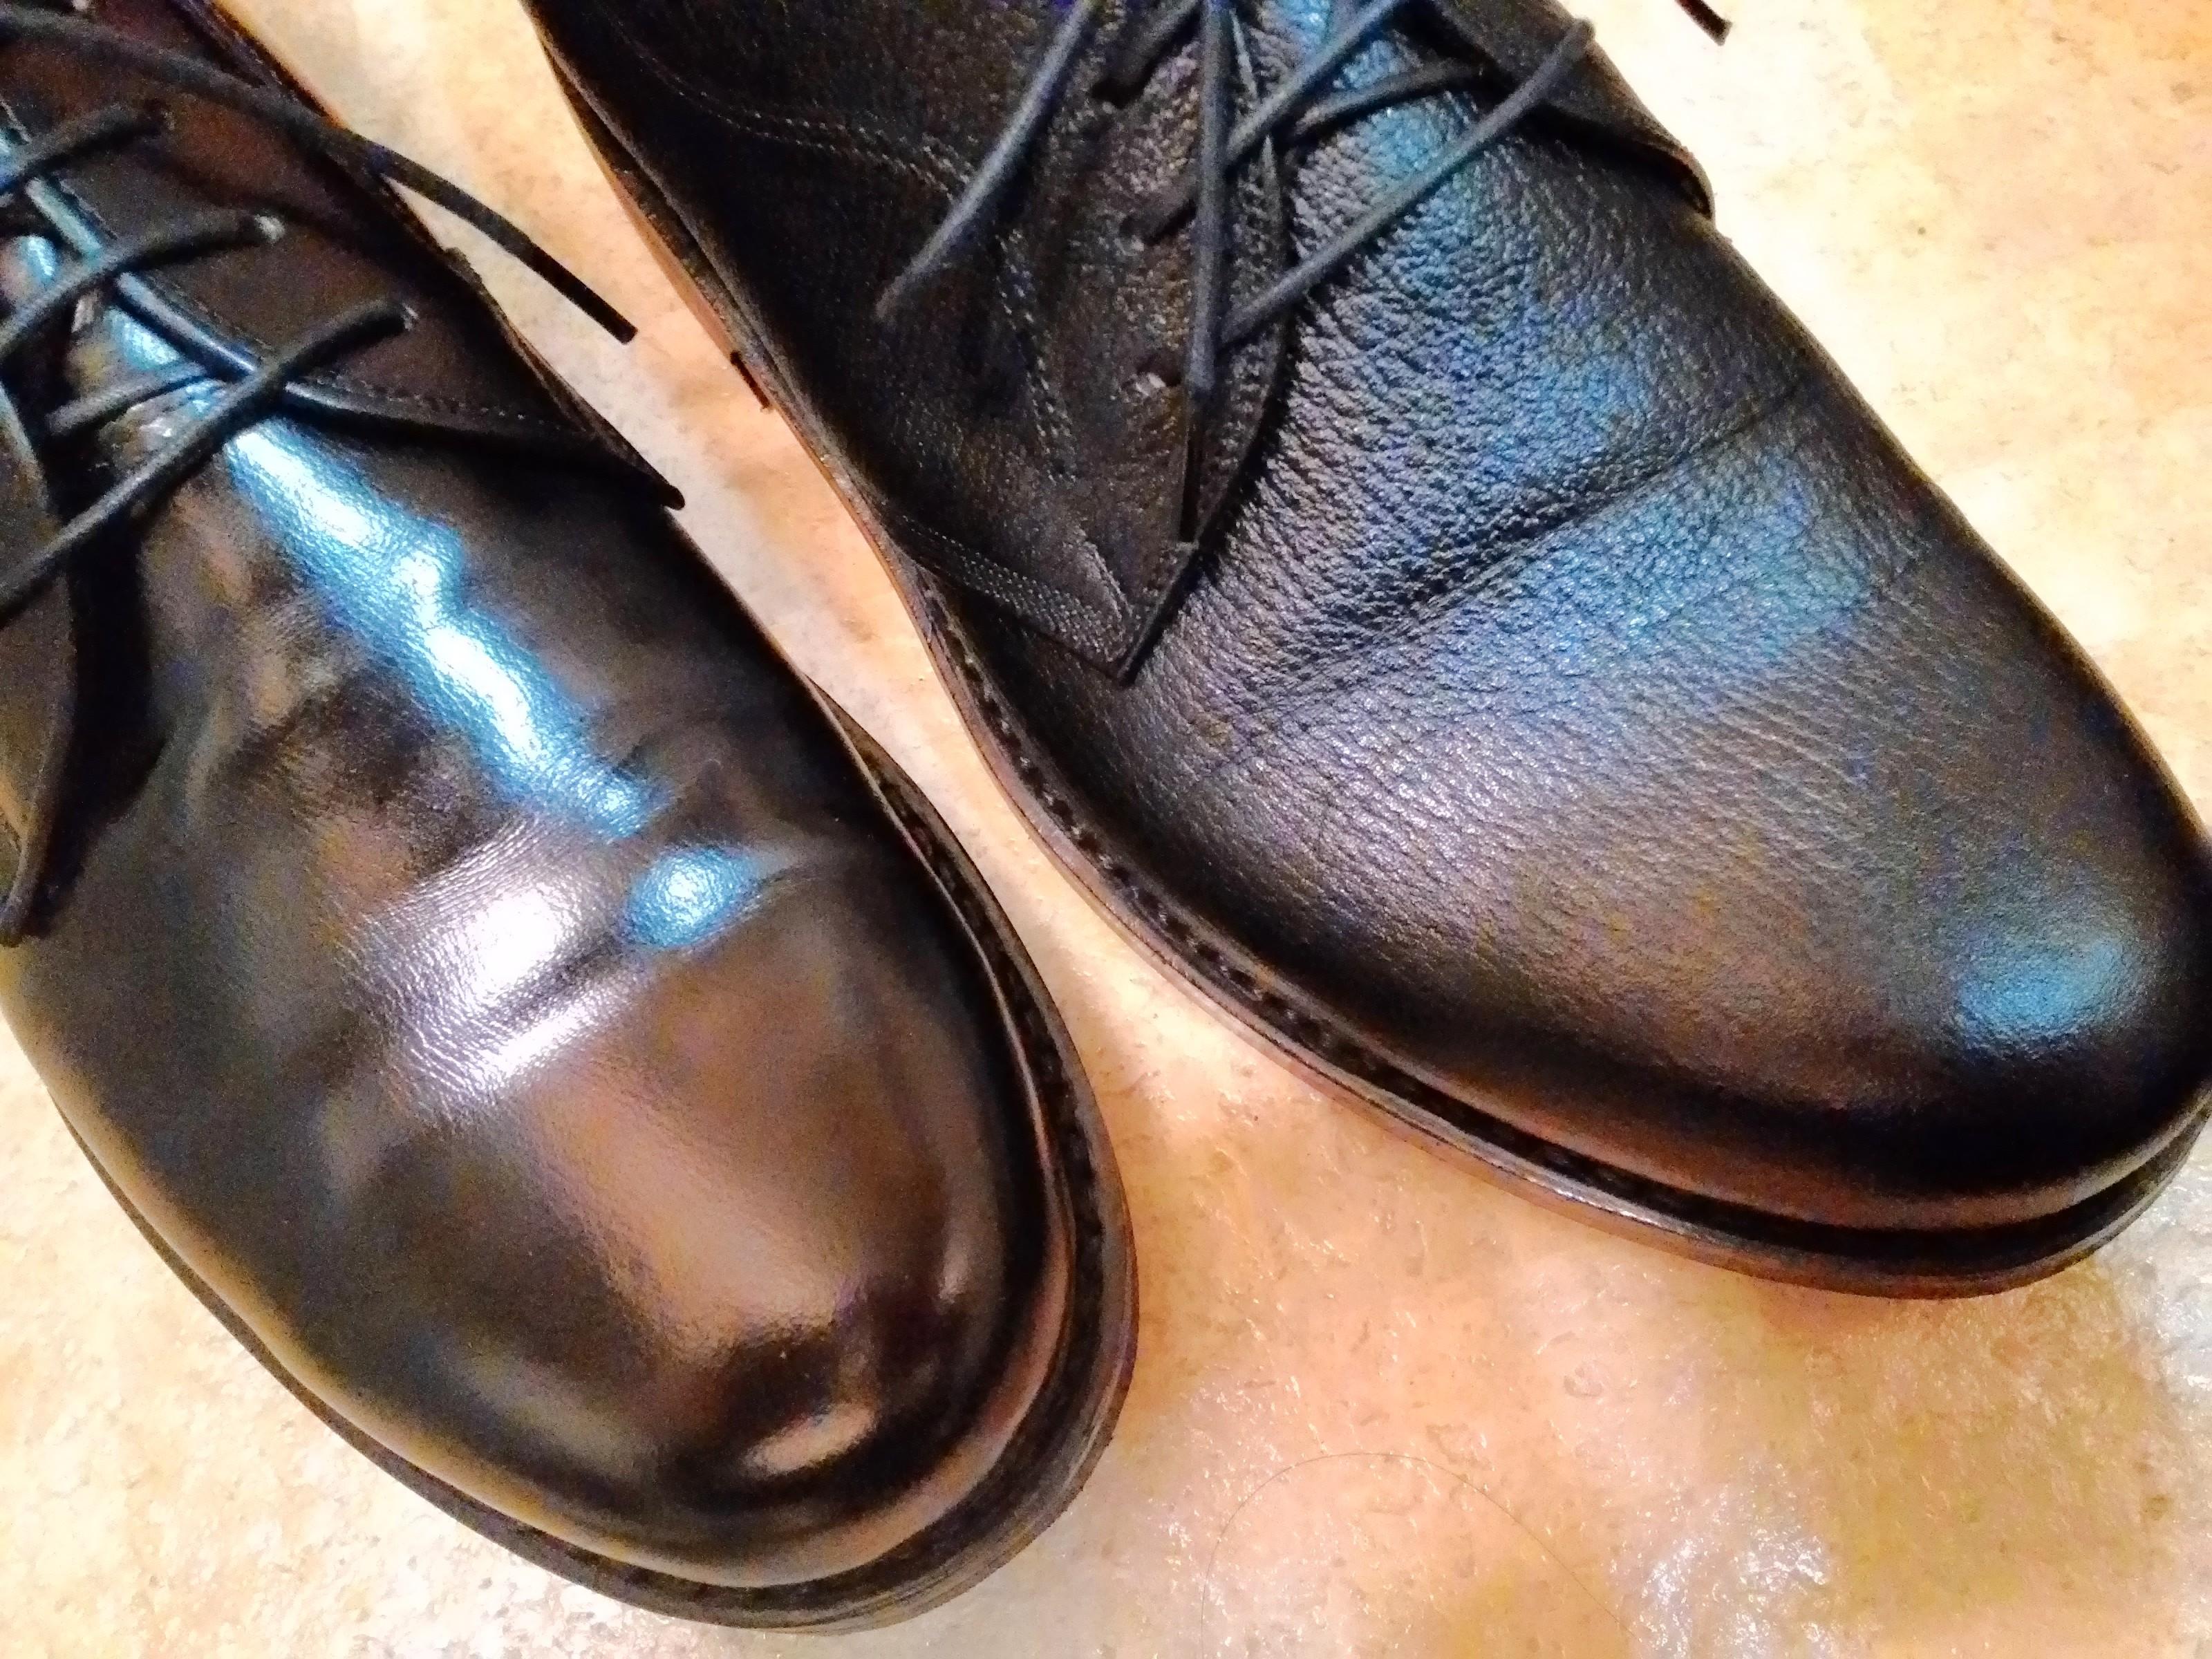 [0709-201503] 靴が好きなあなたへ。次の一足を買うときにちょっと寄り道してみて欲しい、三交製靴ラギッドシューズ3足10万円の安心感。